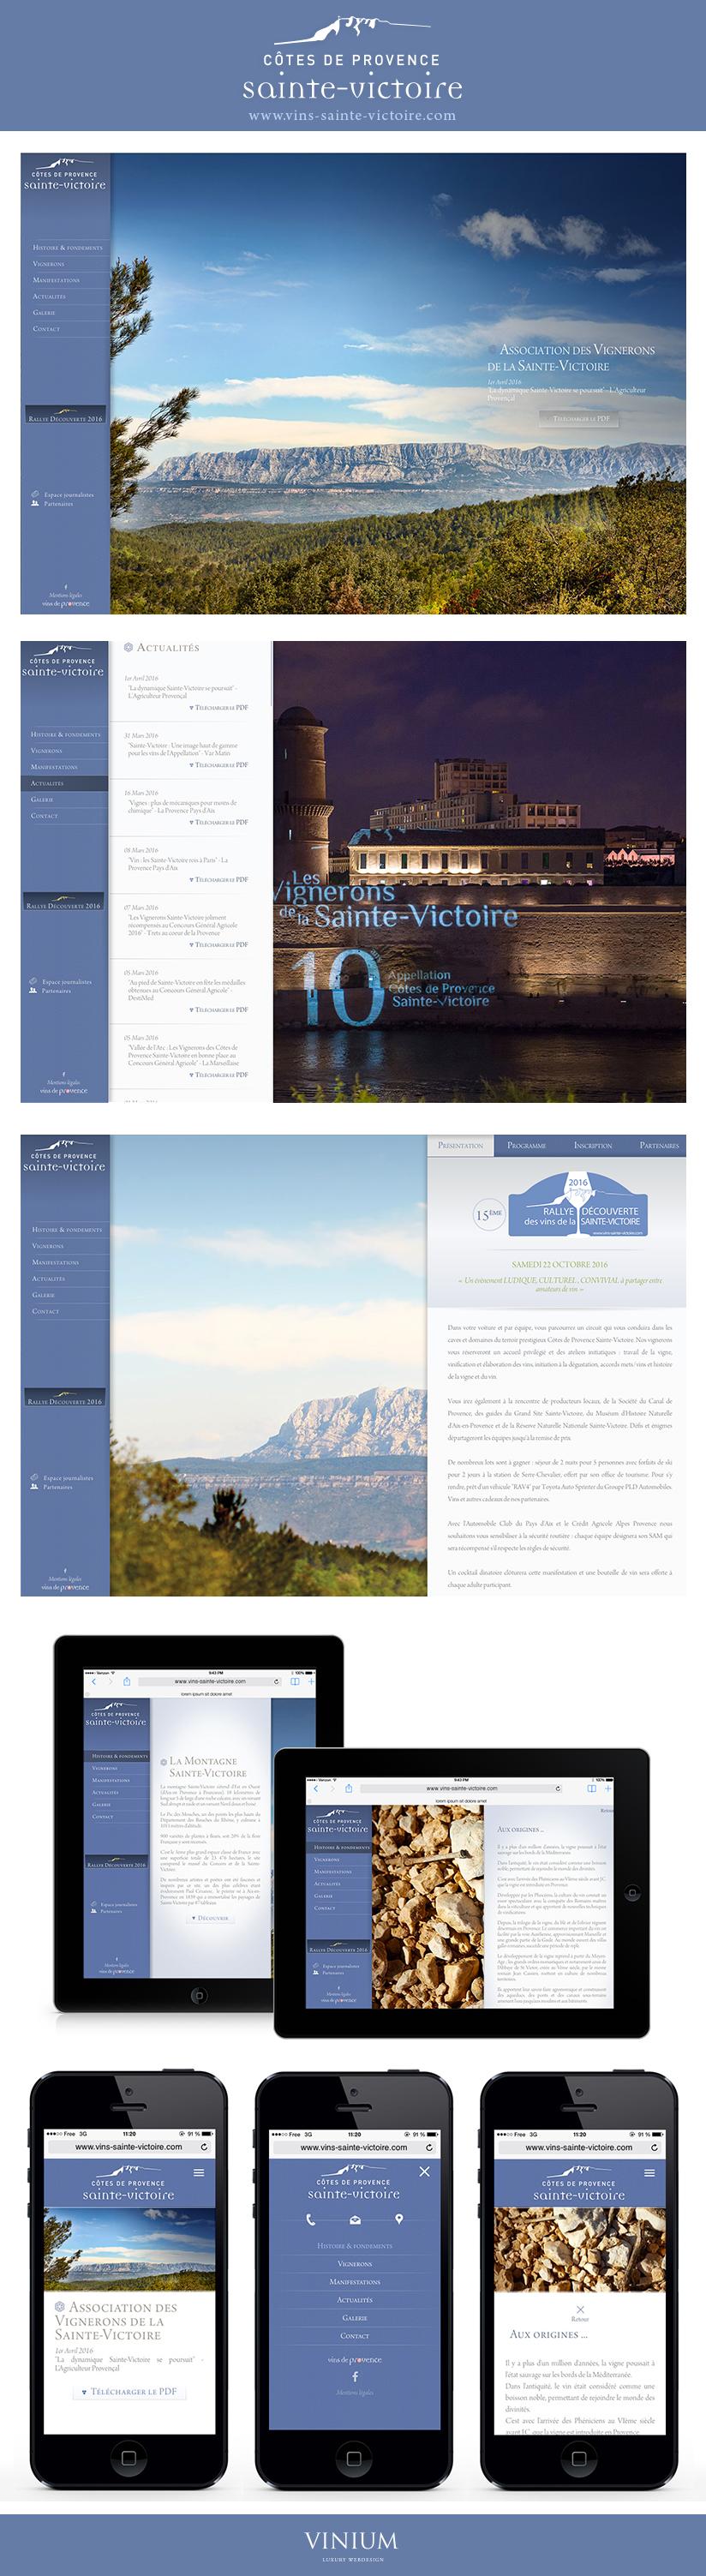 Promouvoir l'appellation Côte de Provence Sainte-Victoire est l'une des missions de l' Association-des Vignerons De Sainte-Victoire. Venez découvrir son histoire, ses fondements et son univers à travers son tout nouveau site internet : www.vins-sainte-victoire.com #vinprovence #saintevictoire #vins #webdesign #graphicdesign #website